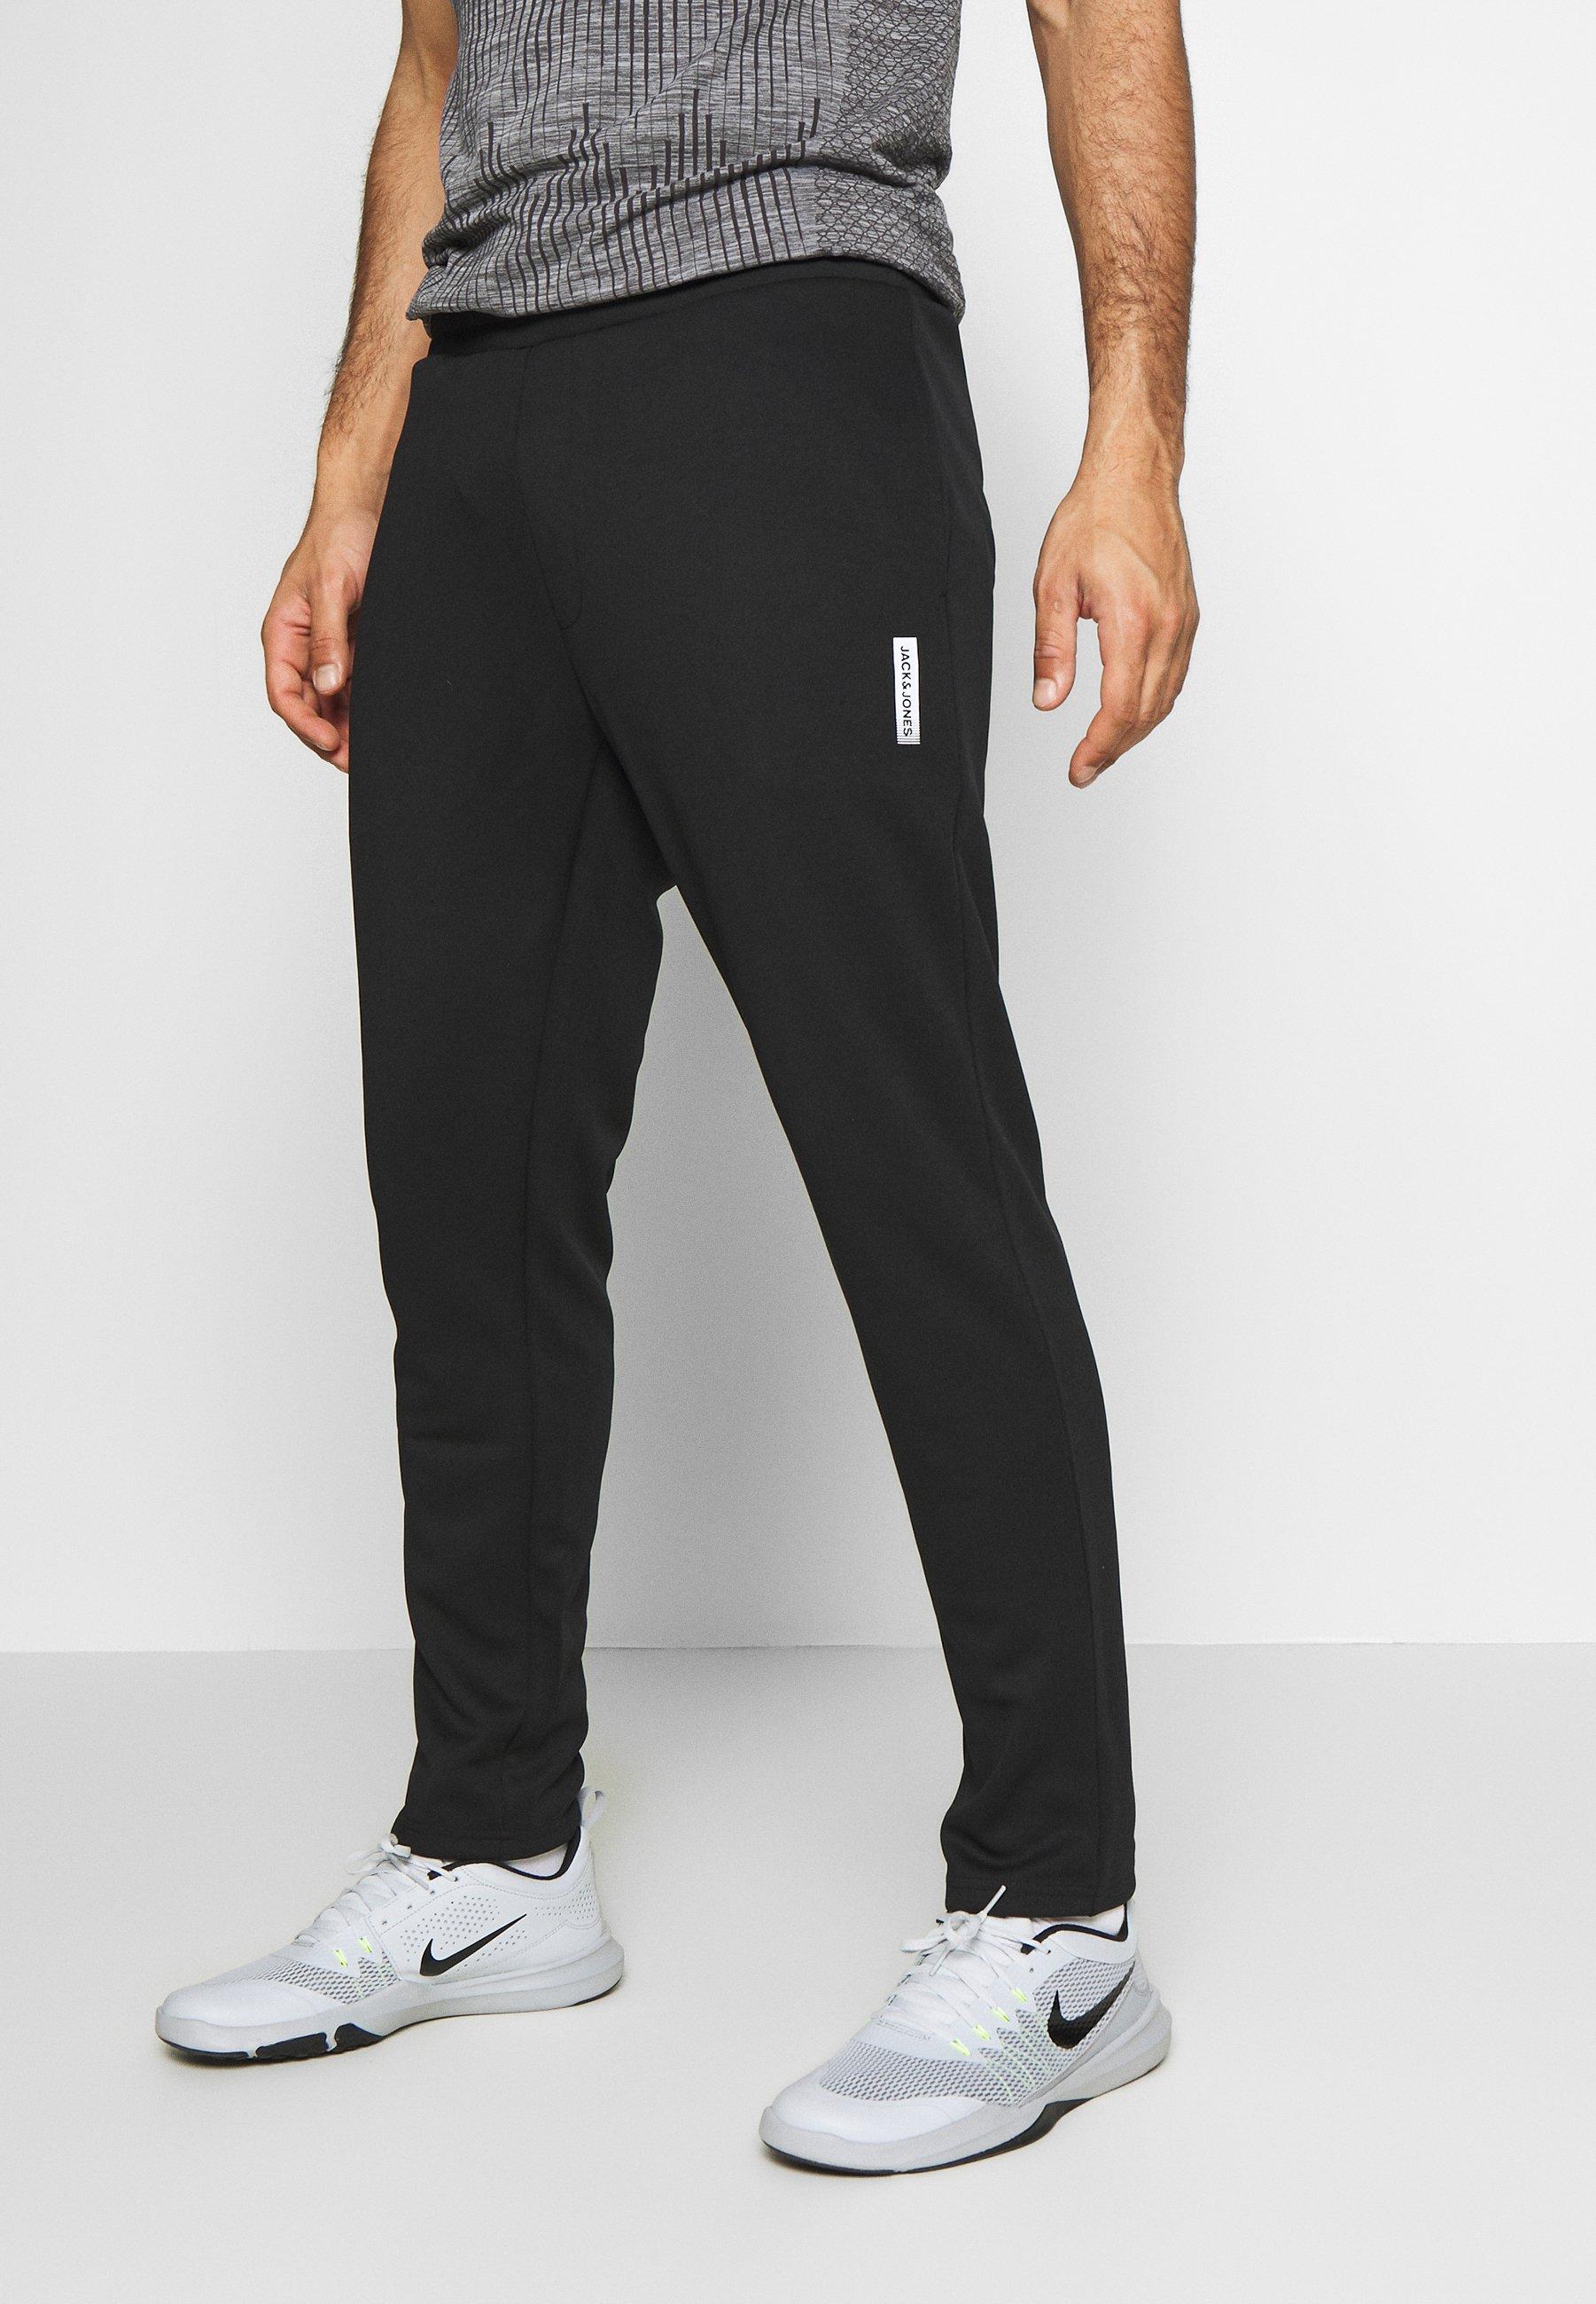 Uomo JJIWILL JJZPOLYESTER PANT - Pantaloni sportivi